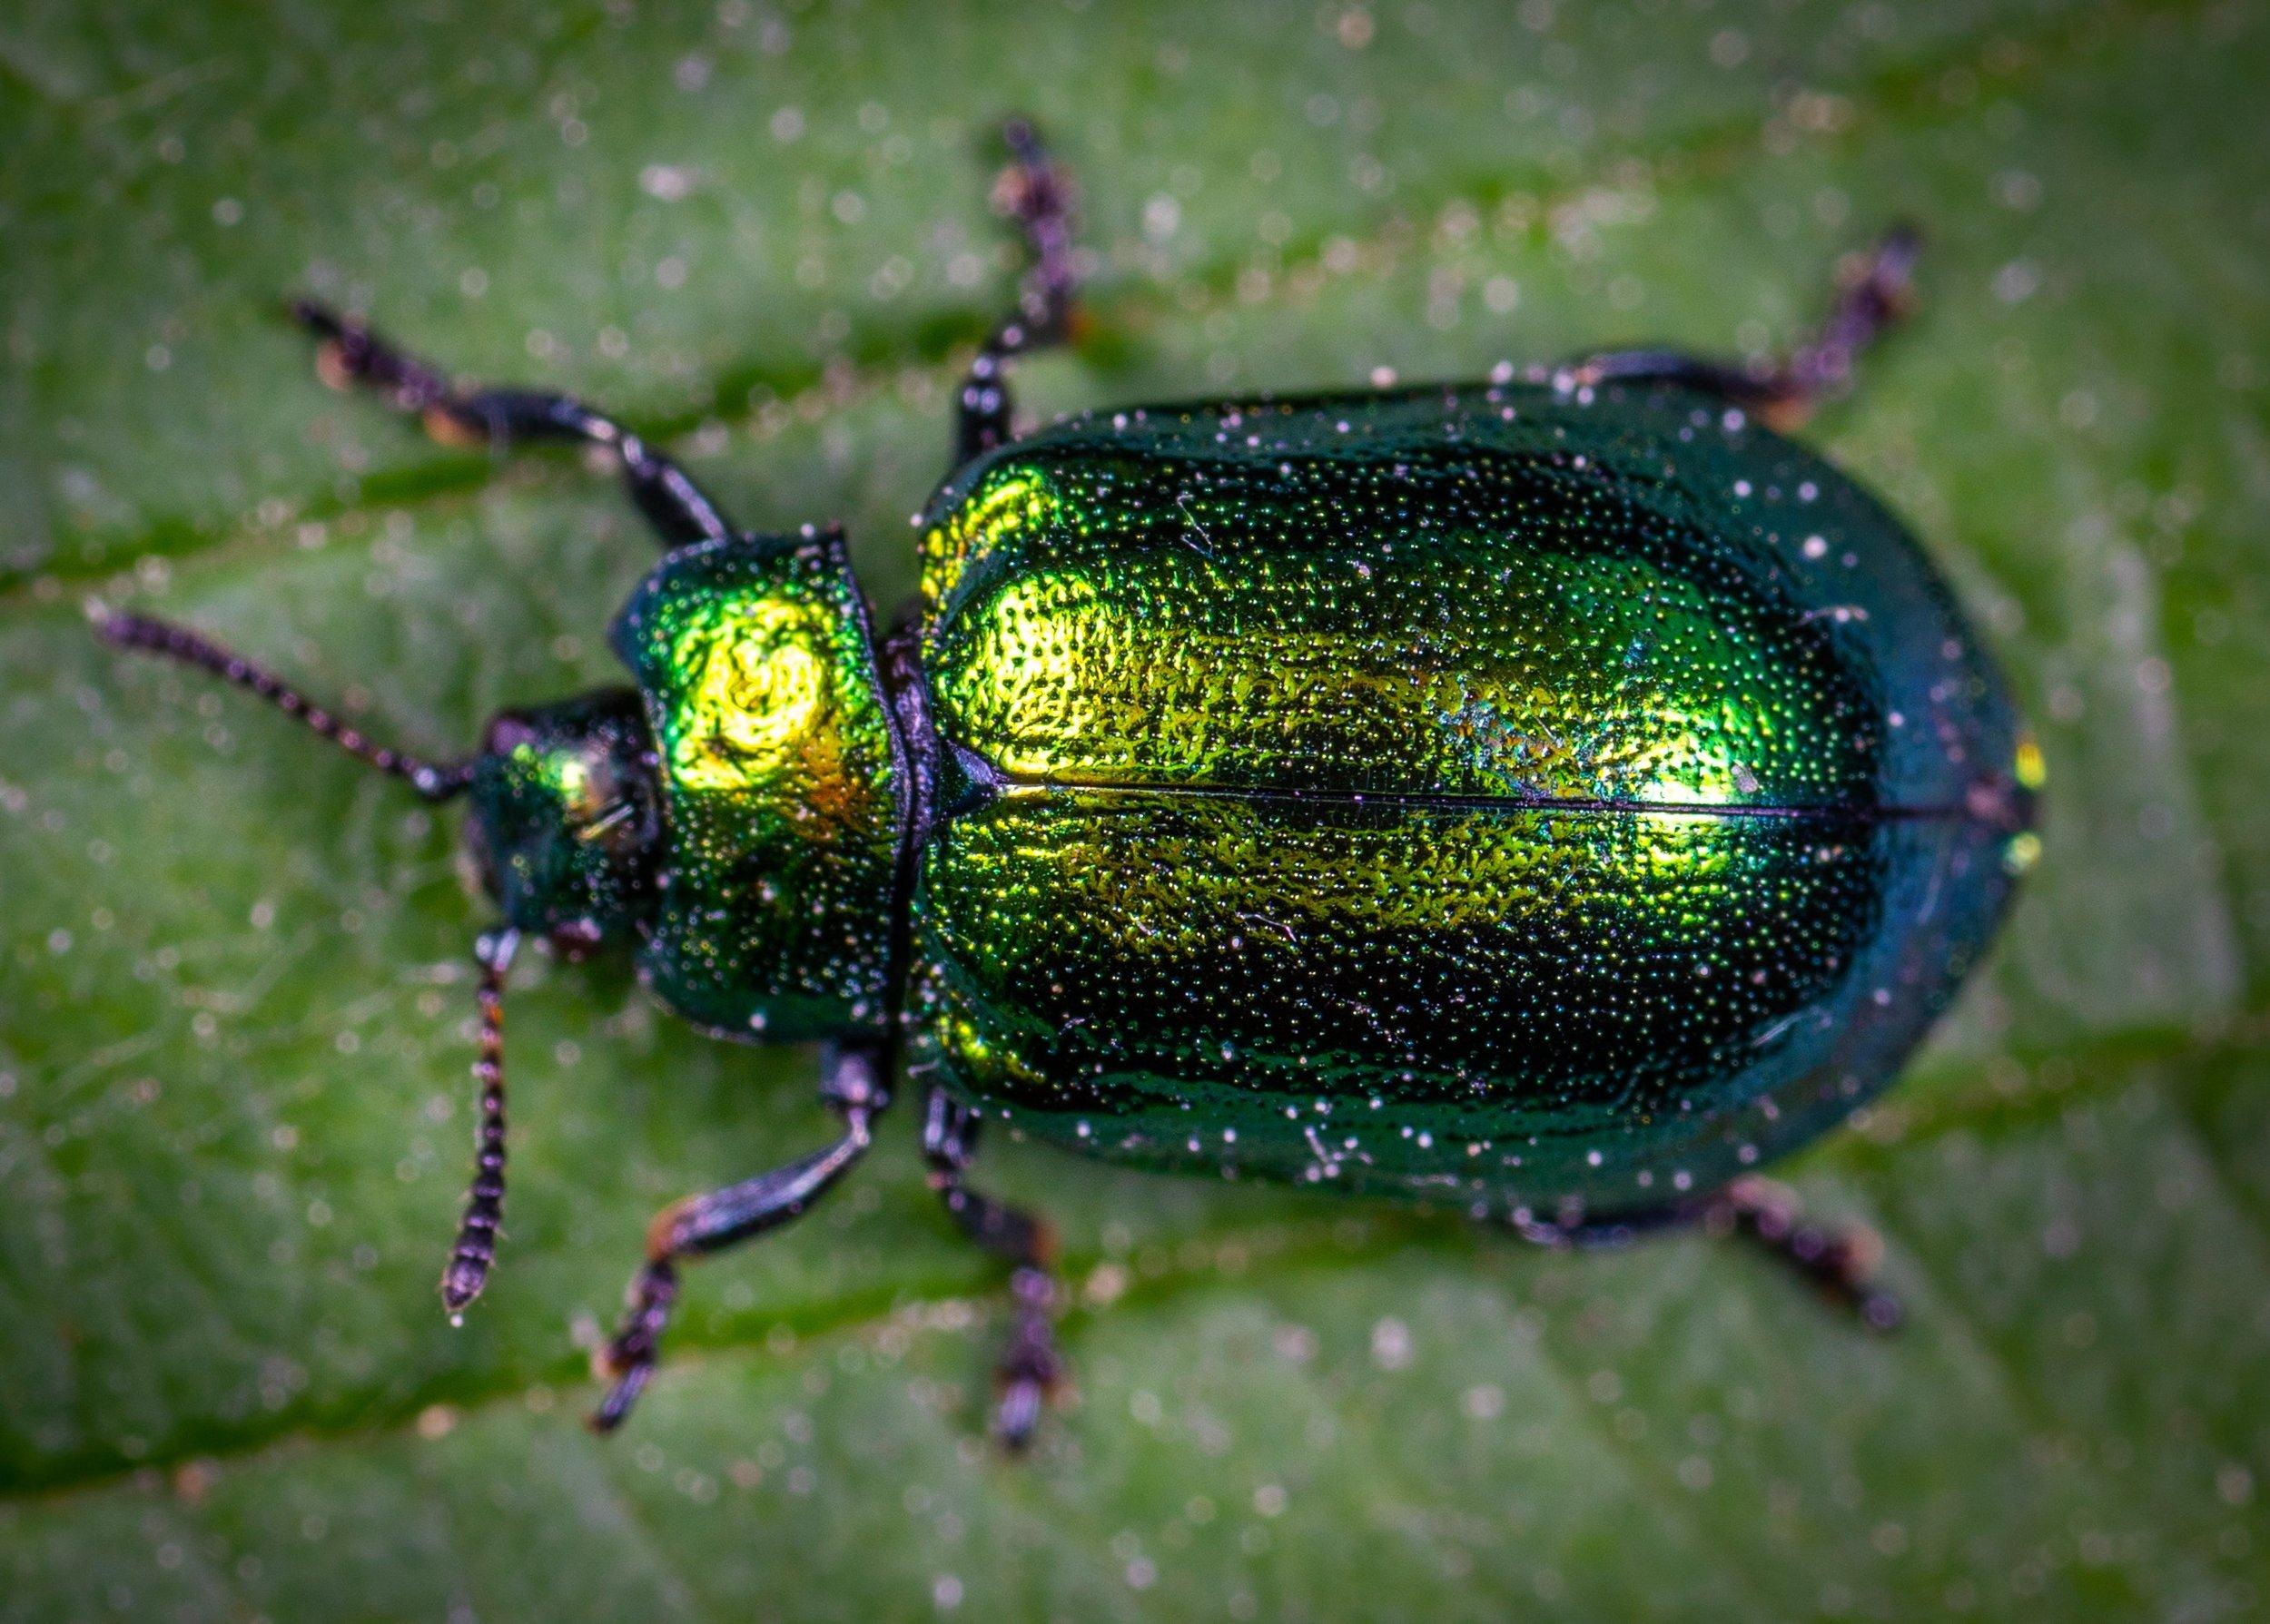 animal-beetle-biology-1114318.jpg